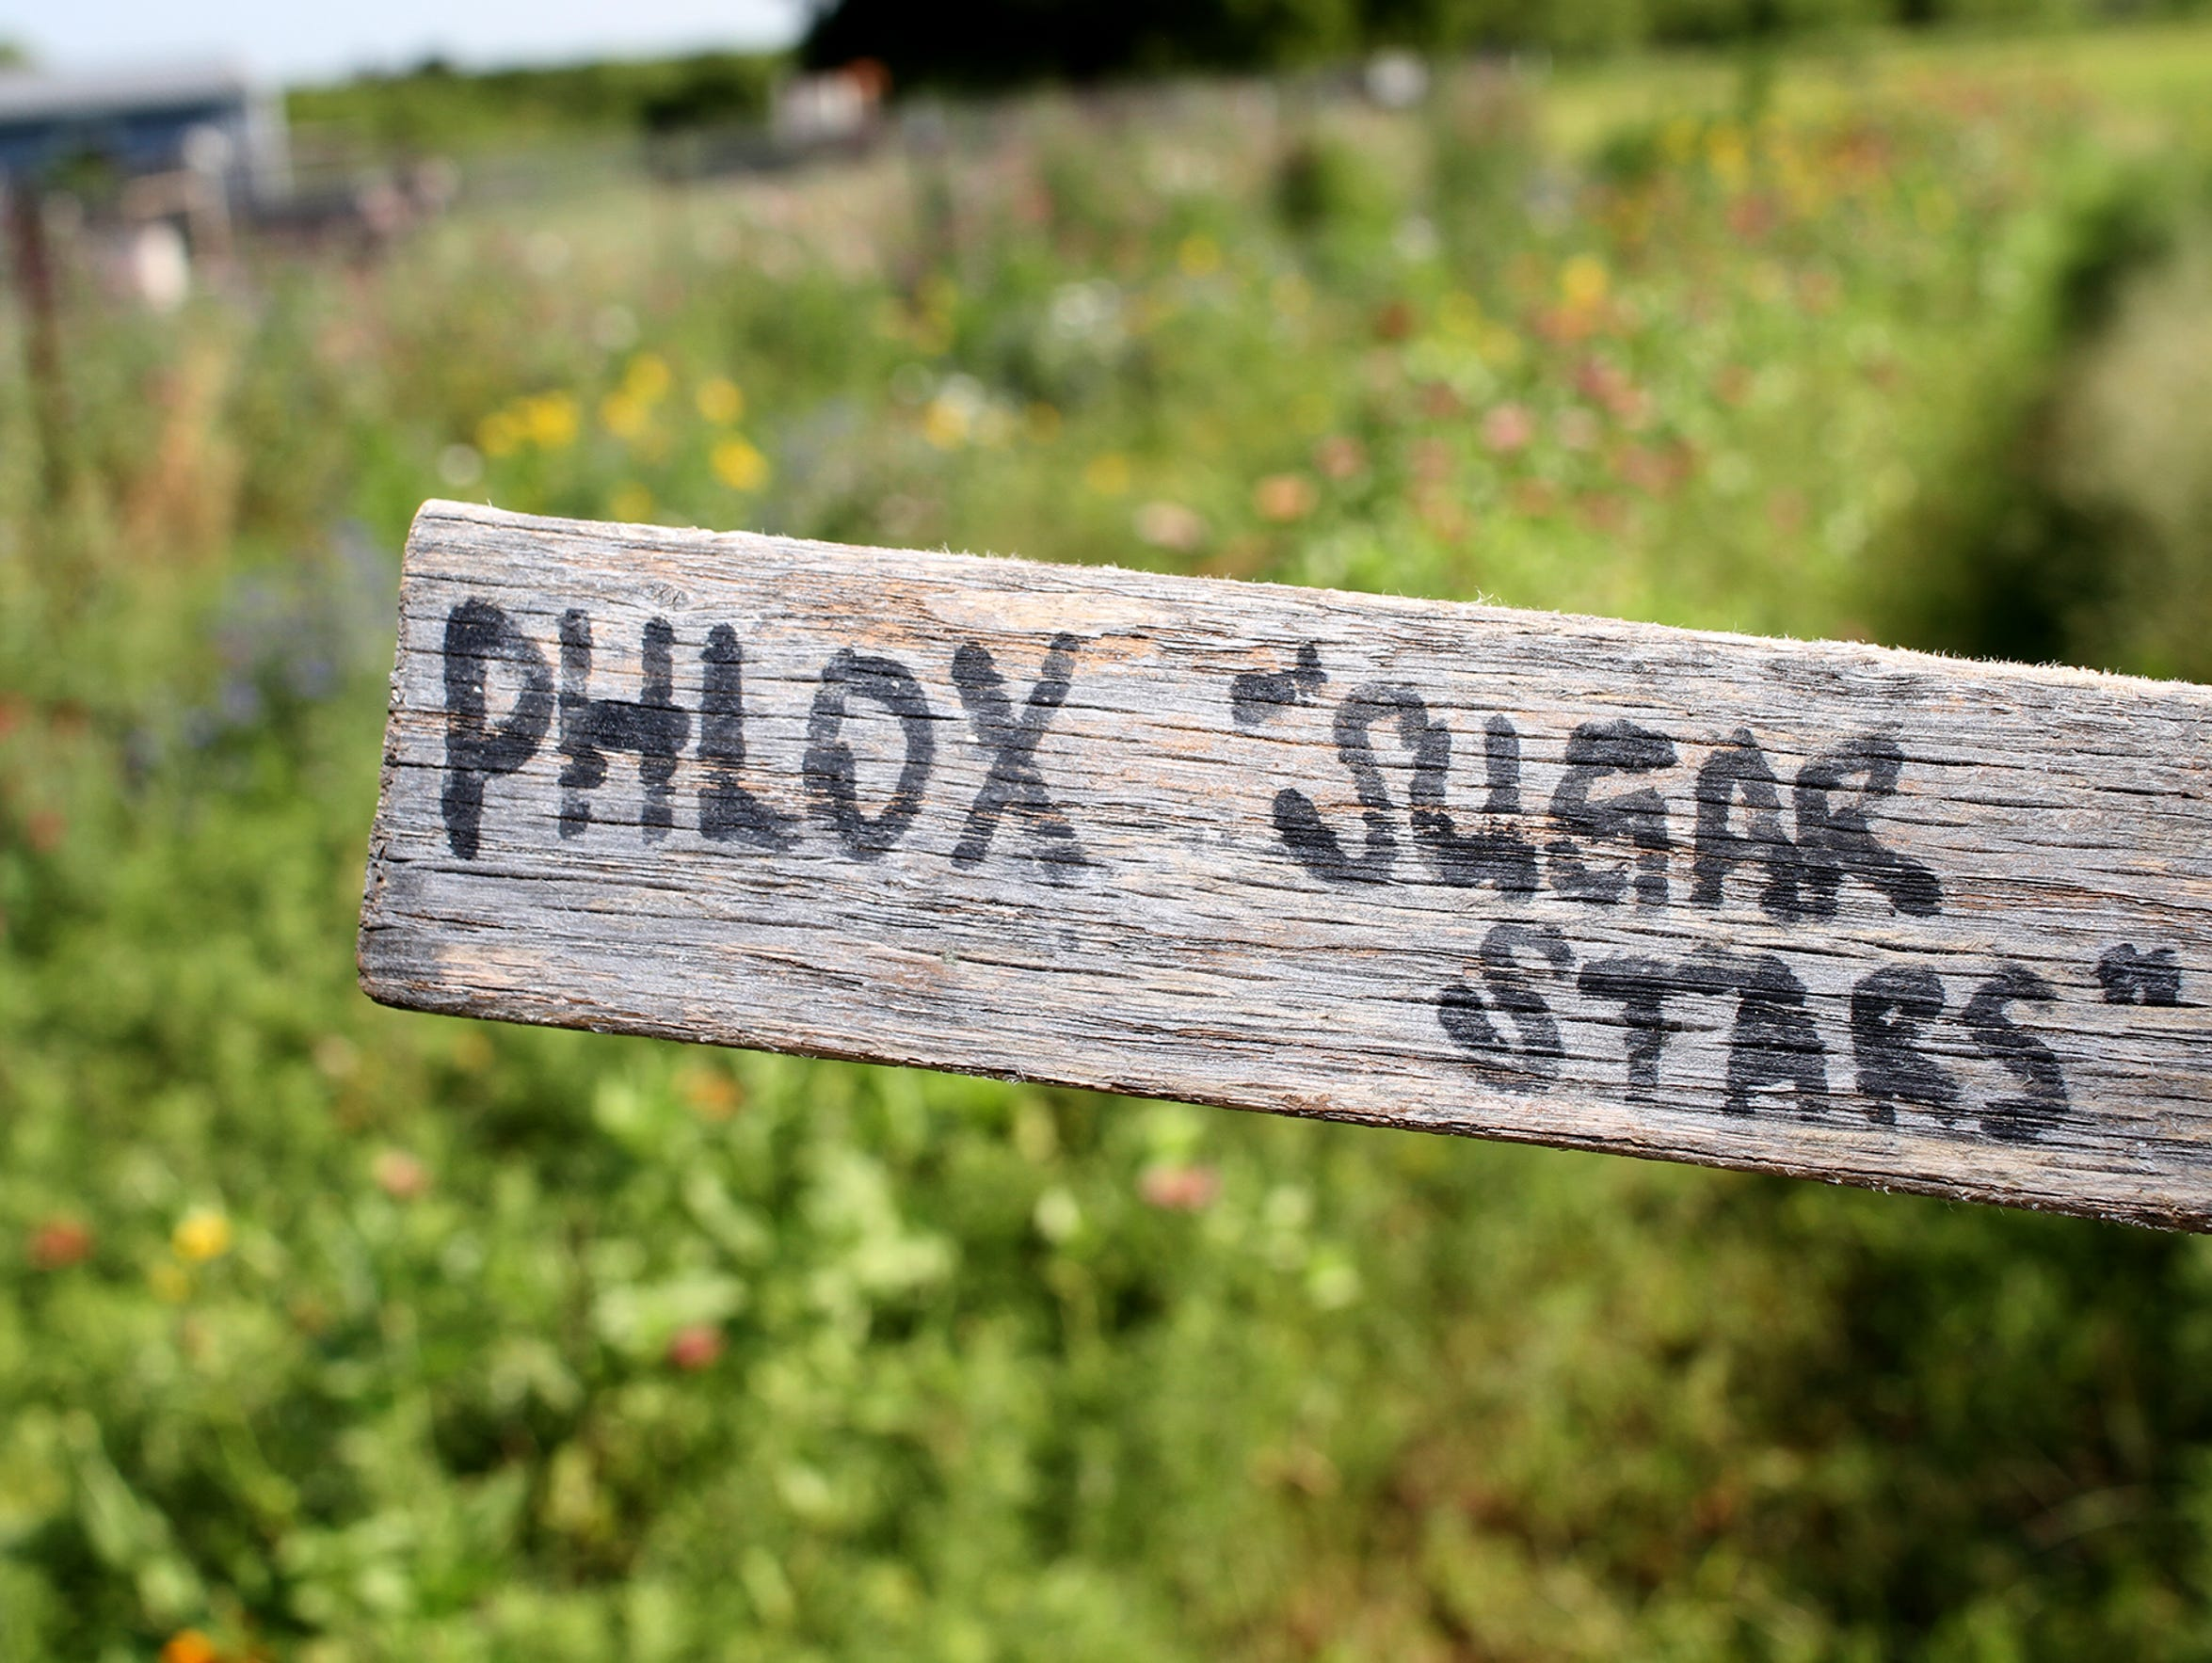 Phlox, or sugar stars, is one of the varieties of flowers